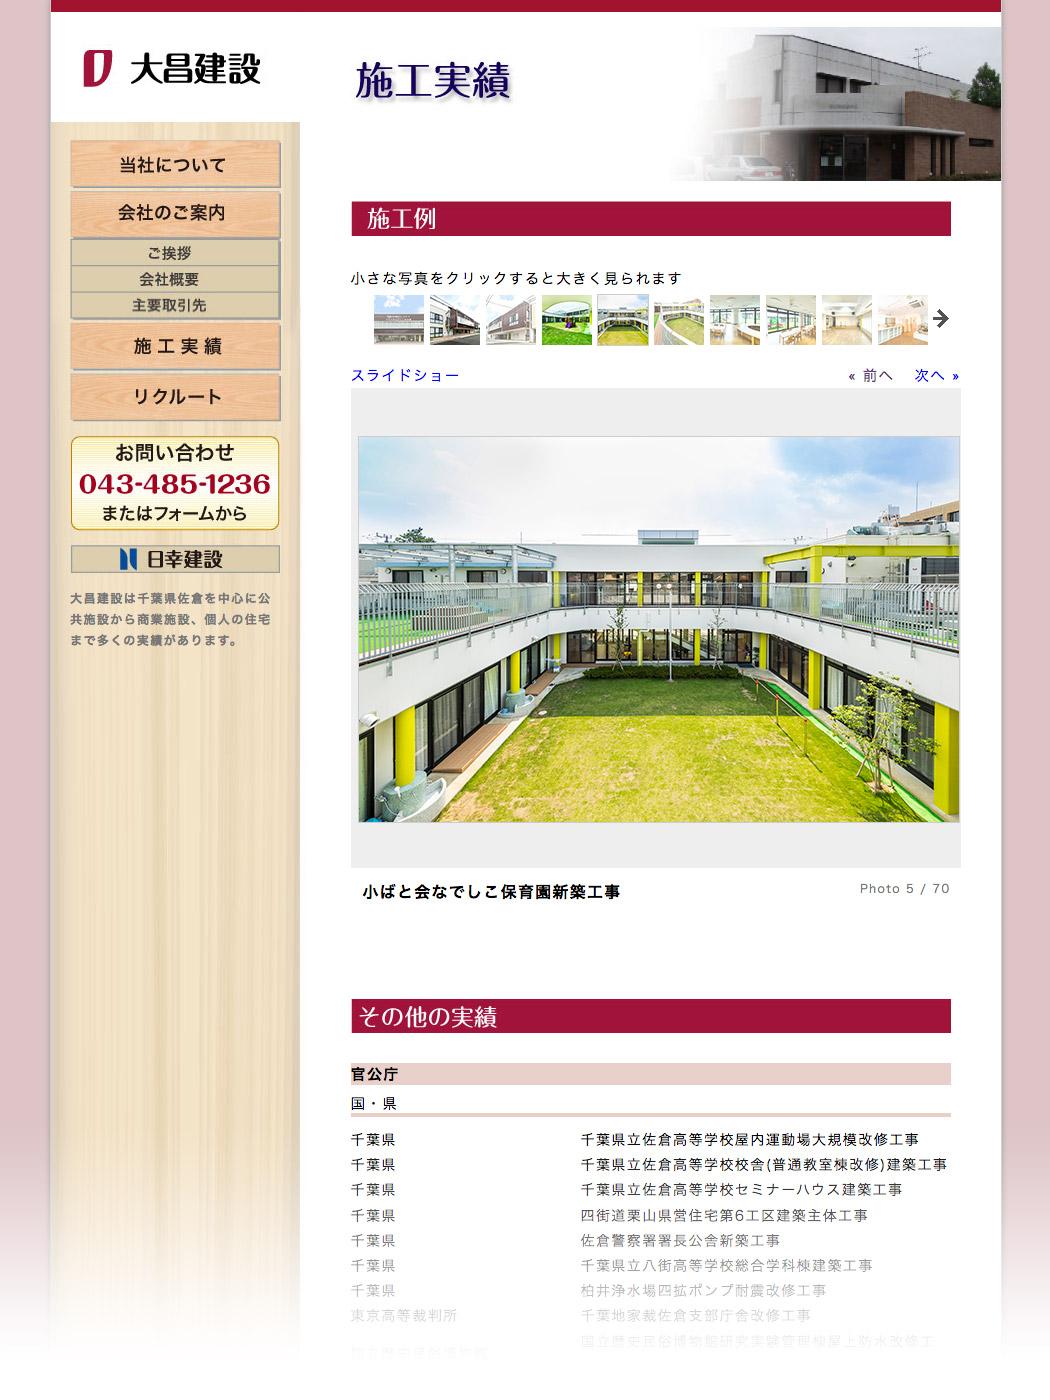 大昌建設株式会社様web2